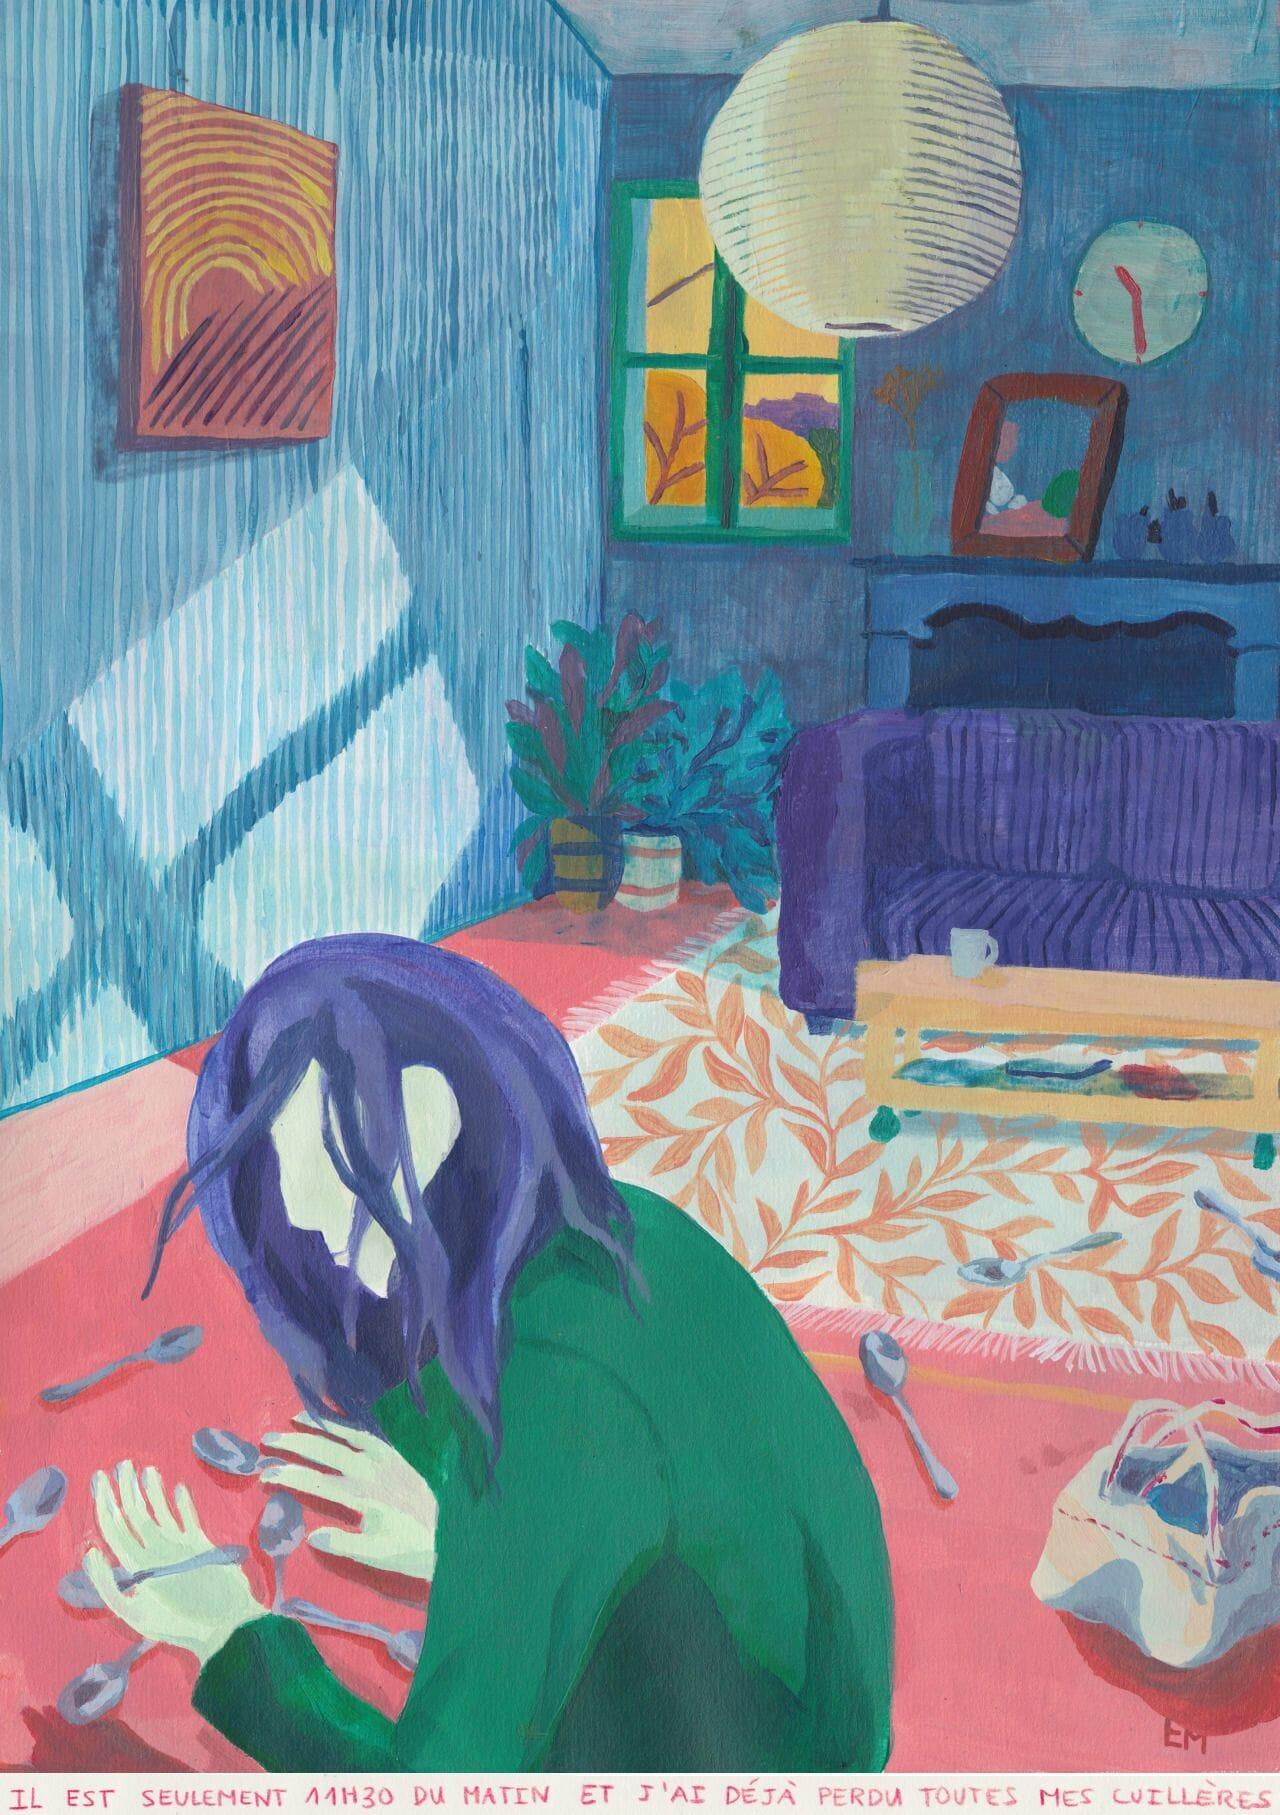 Musique nocturne et dessins d'adolescents: une discussion insomniaque avec Estelle Marchi 6